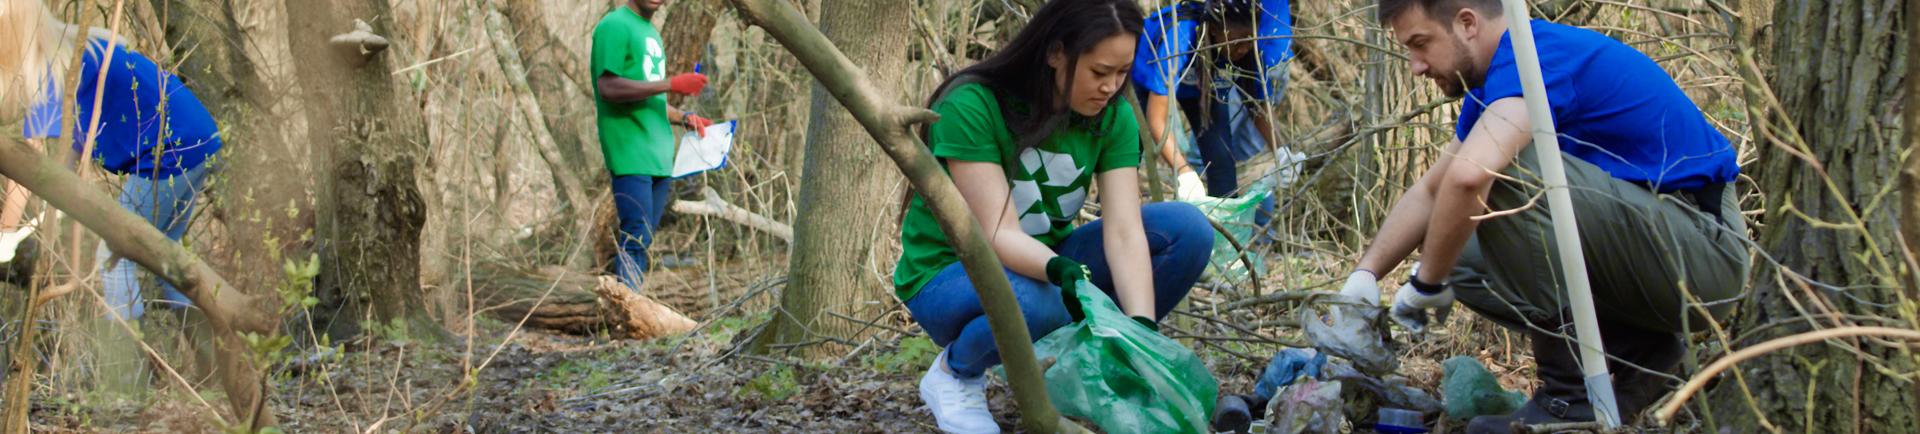 Jovens recolhem lixo numa área florestal